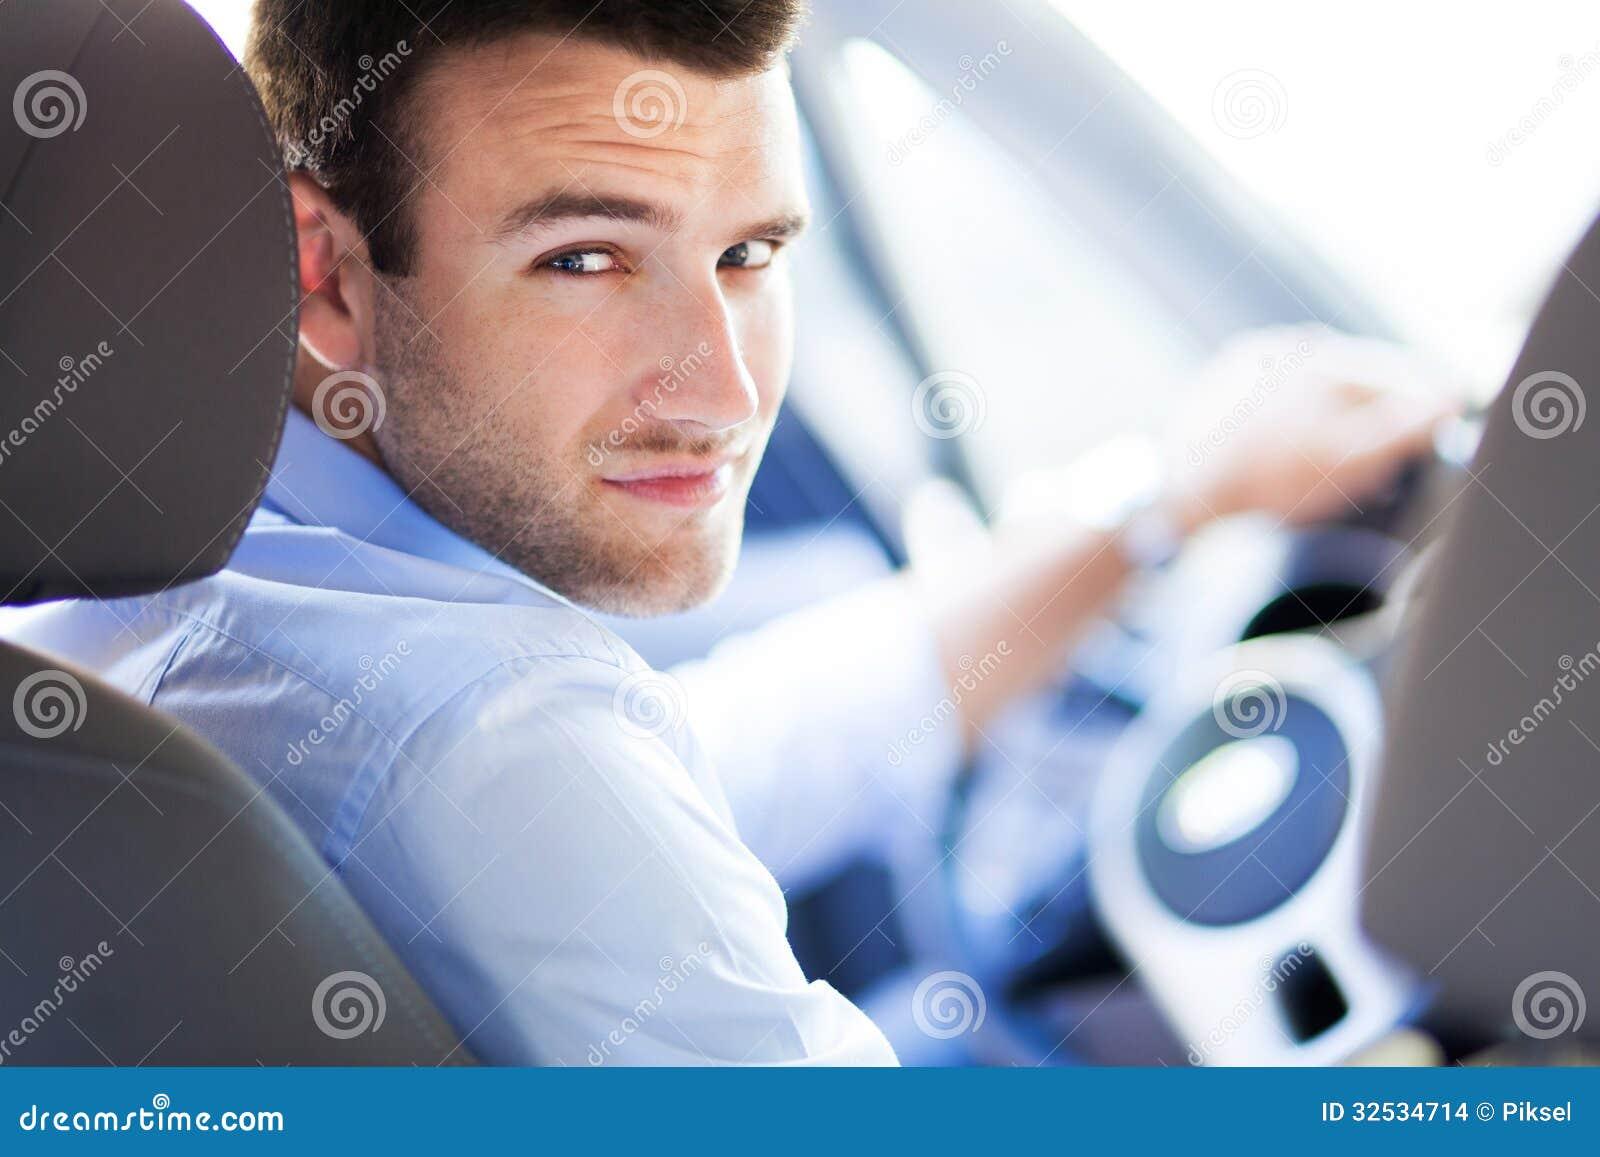 Άτομο που οδηγεί ένα αυτοκίνητο